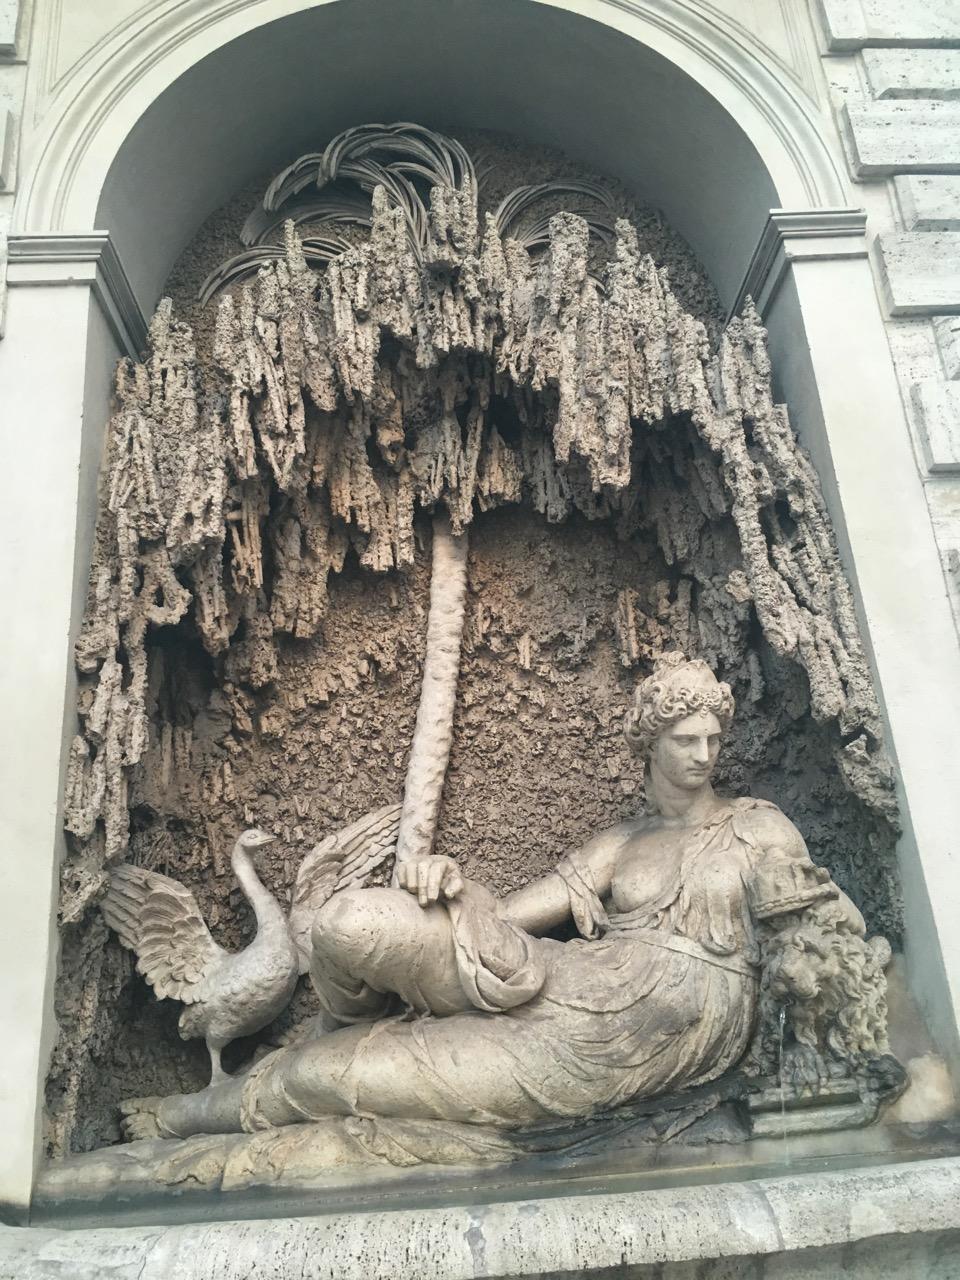 手机快没电了,所以不得不回旅馆了,在一个十字路口等绿灯的时候,回眸一看就是这个精美的雕塑,后来发现,路口的四个角都有这样的雕塑,叫做四喷泉(Le Quattro Fontane)